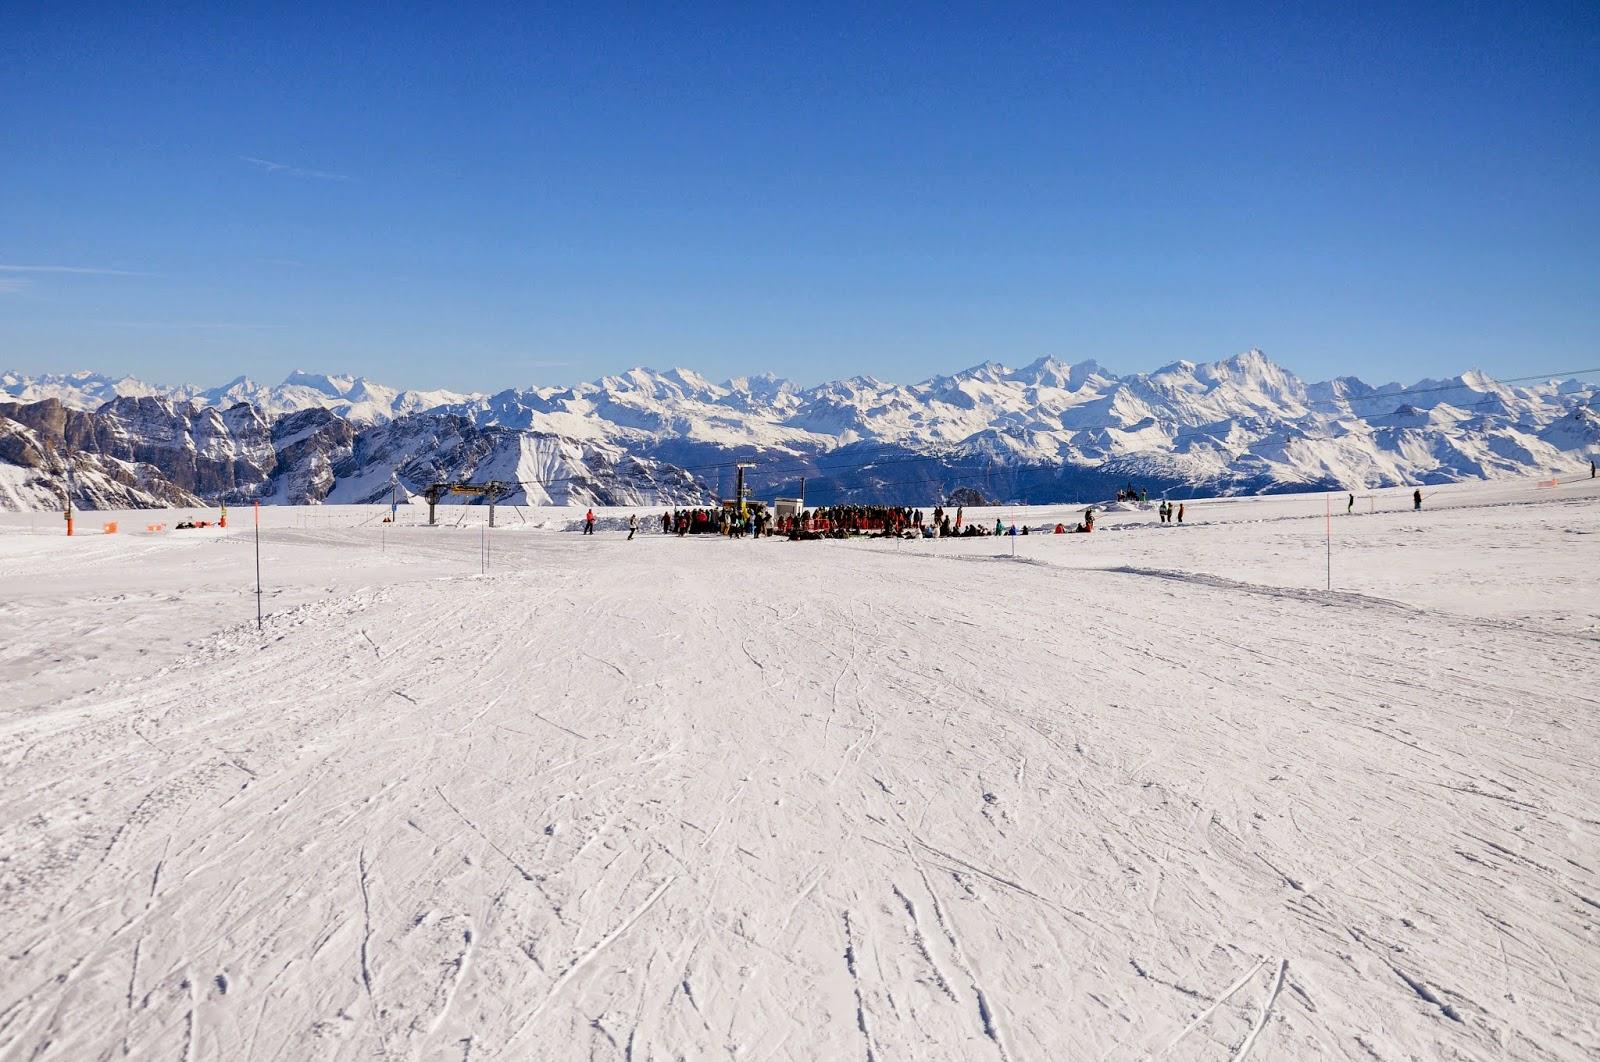 glacier 3000 ski area